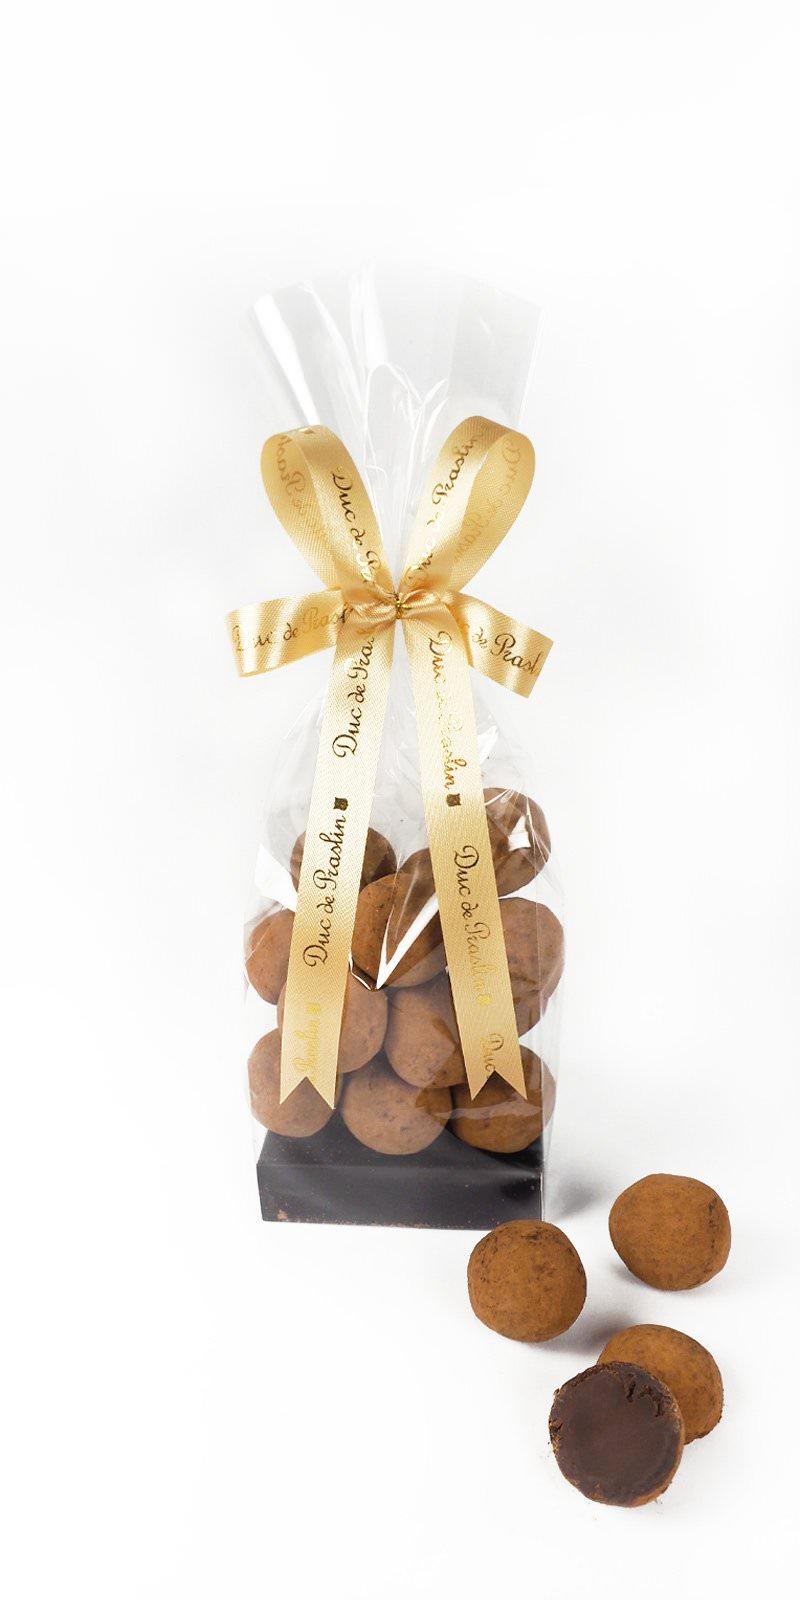 Round truffles